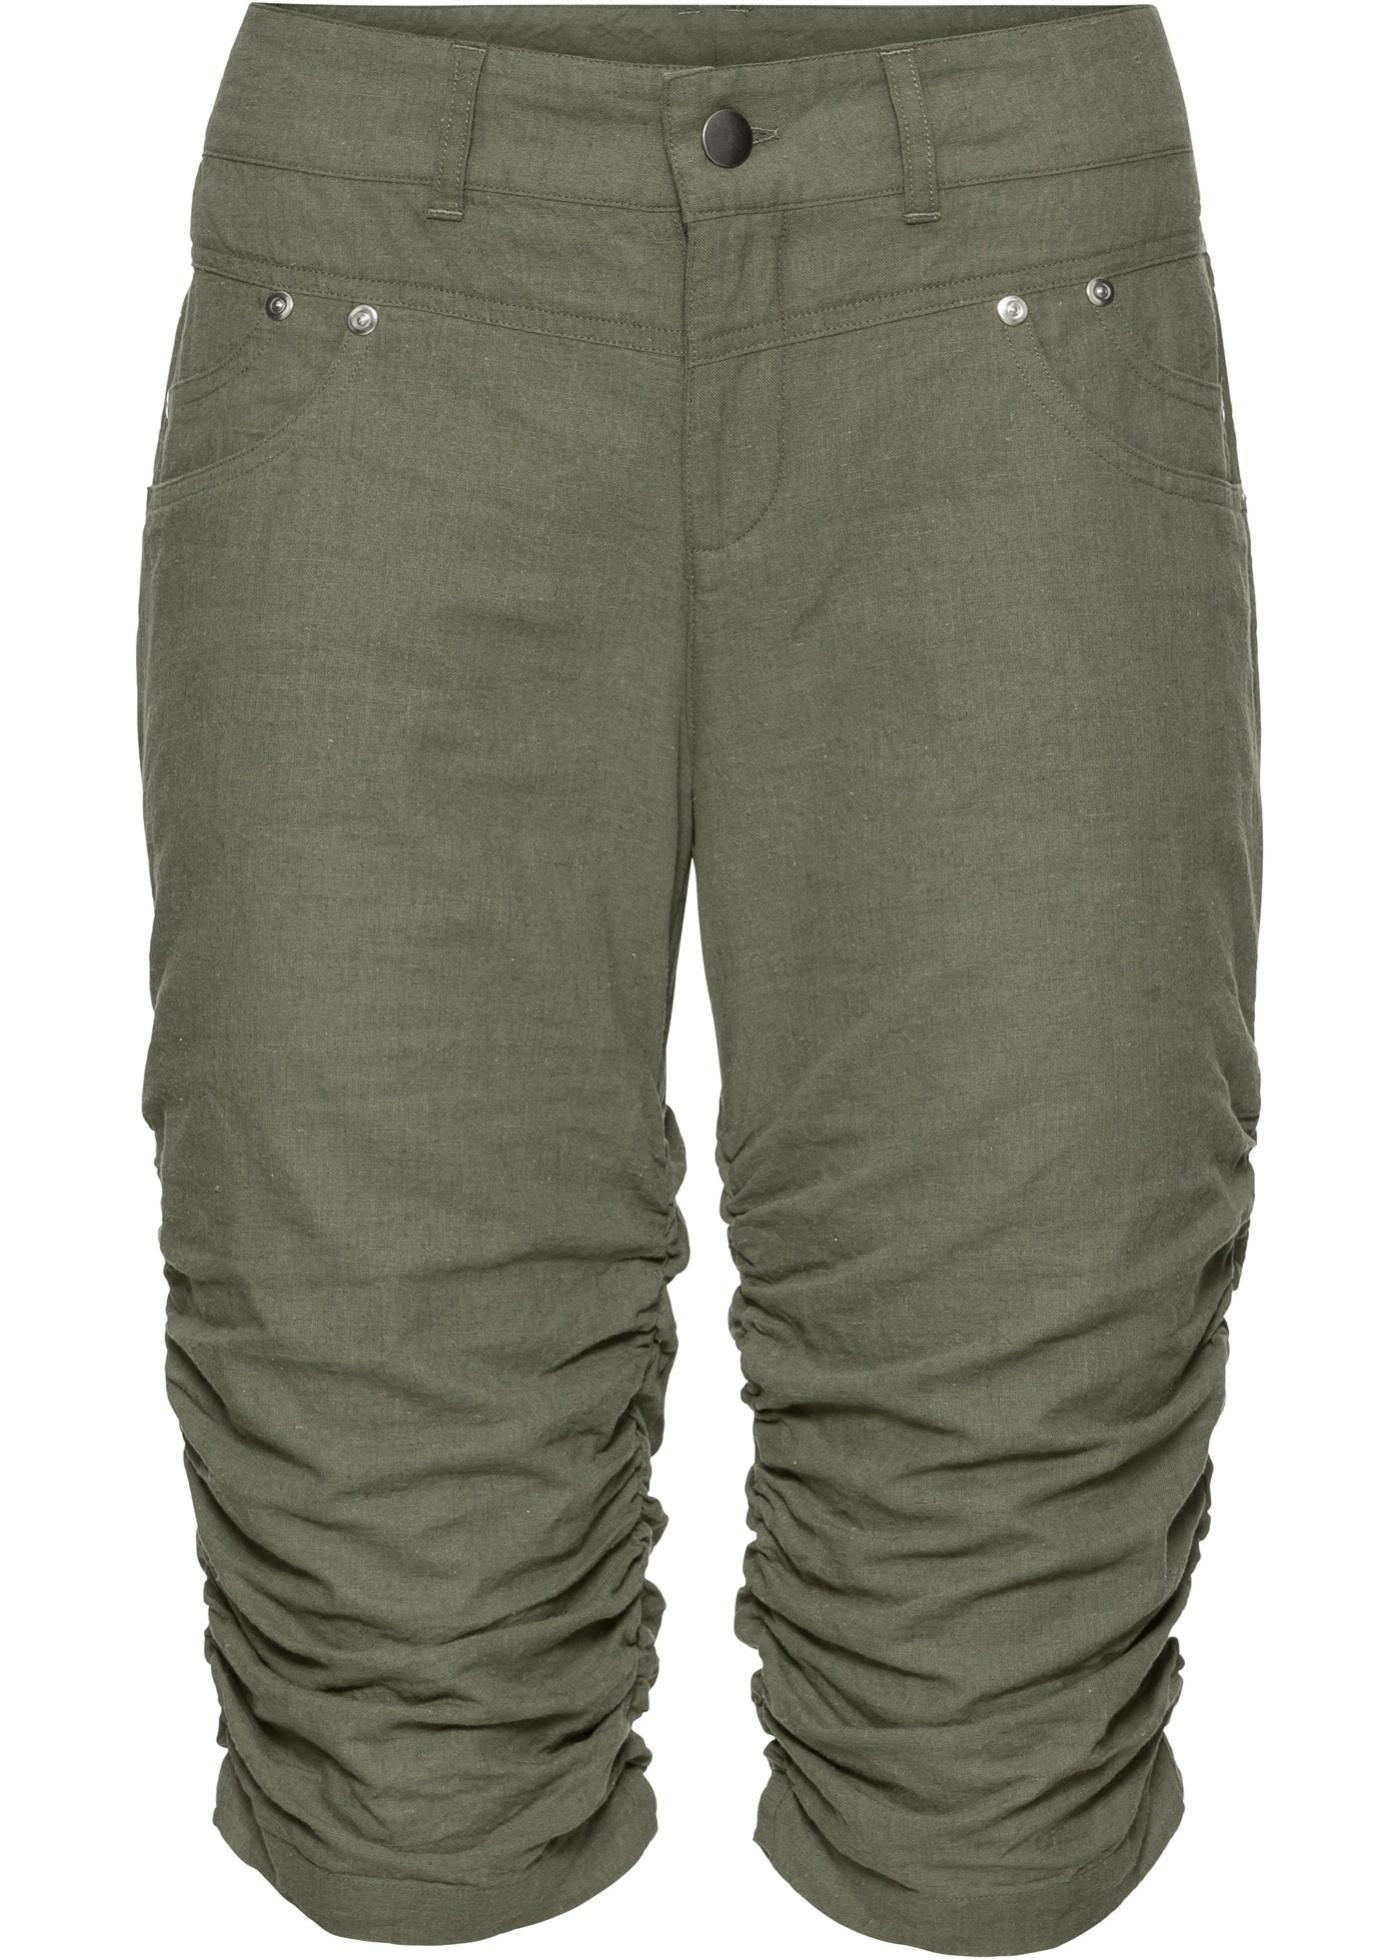 c7c8e7894ea9 Venca nohavice zelena 38 levně